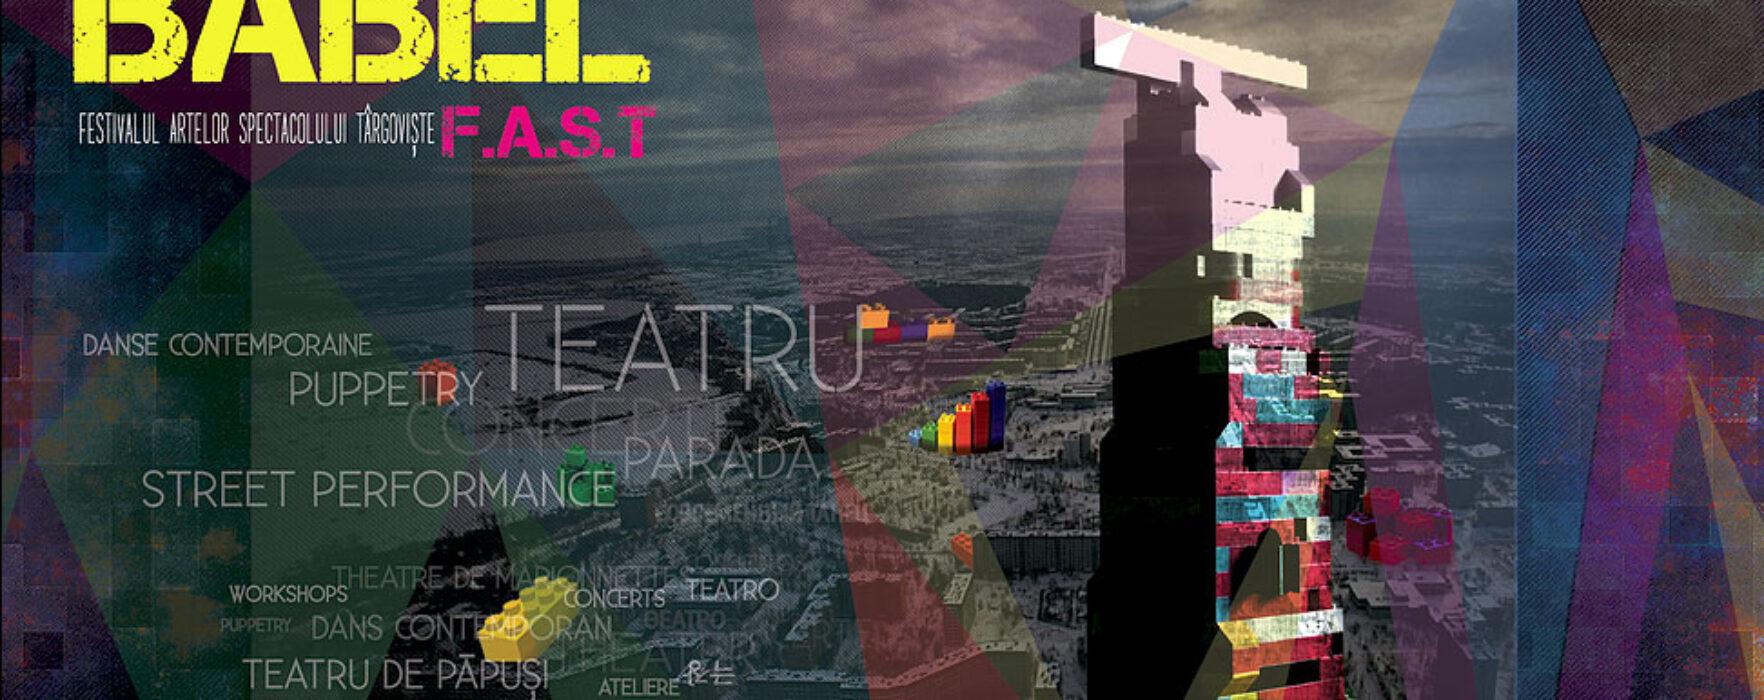 Târgovişte: Spectacole Festival Babel – duminică